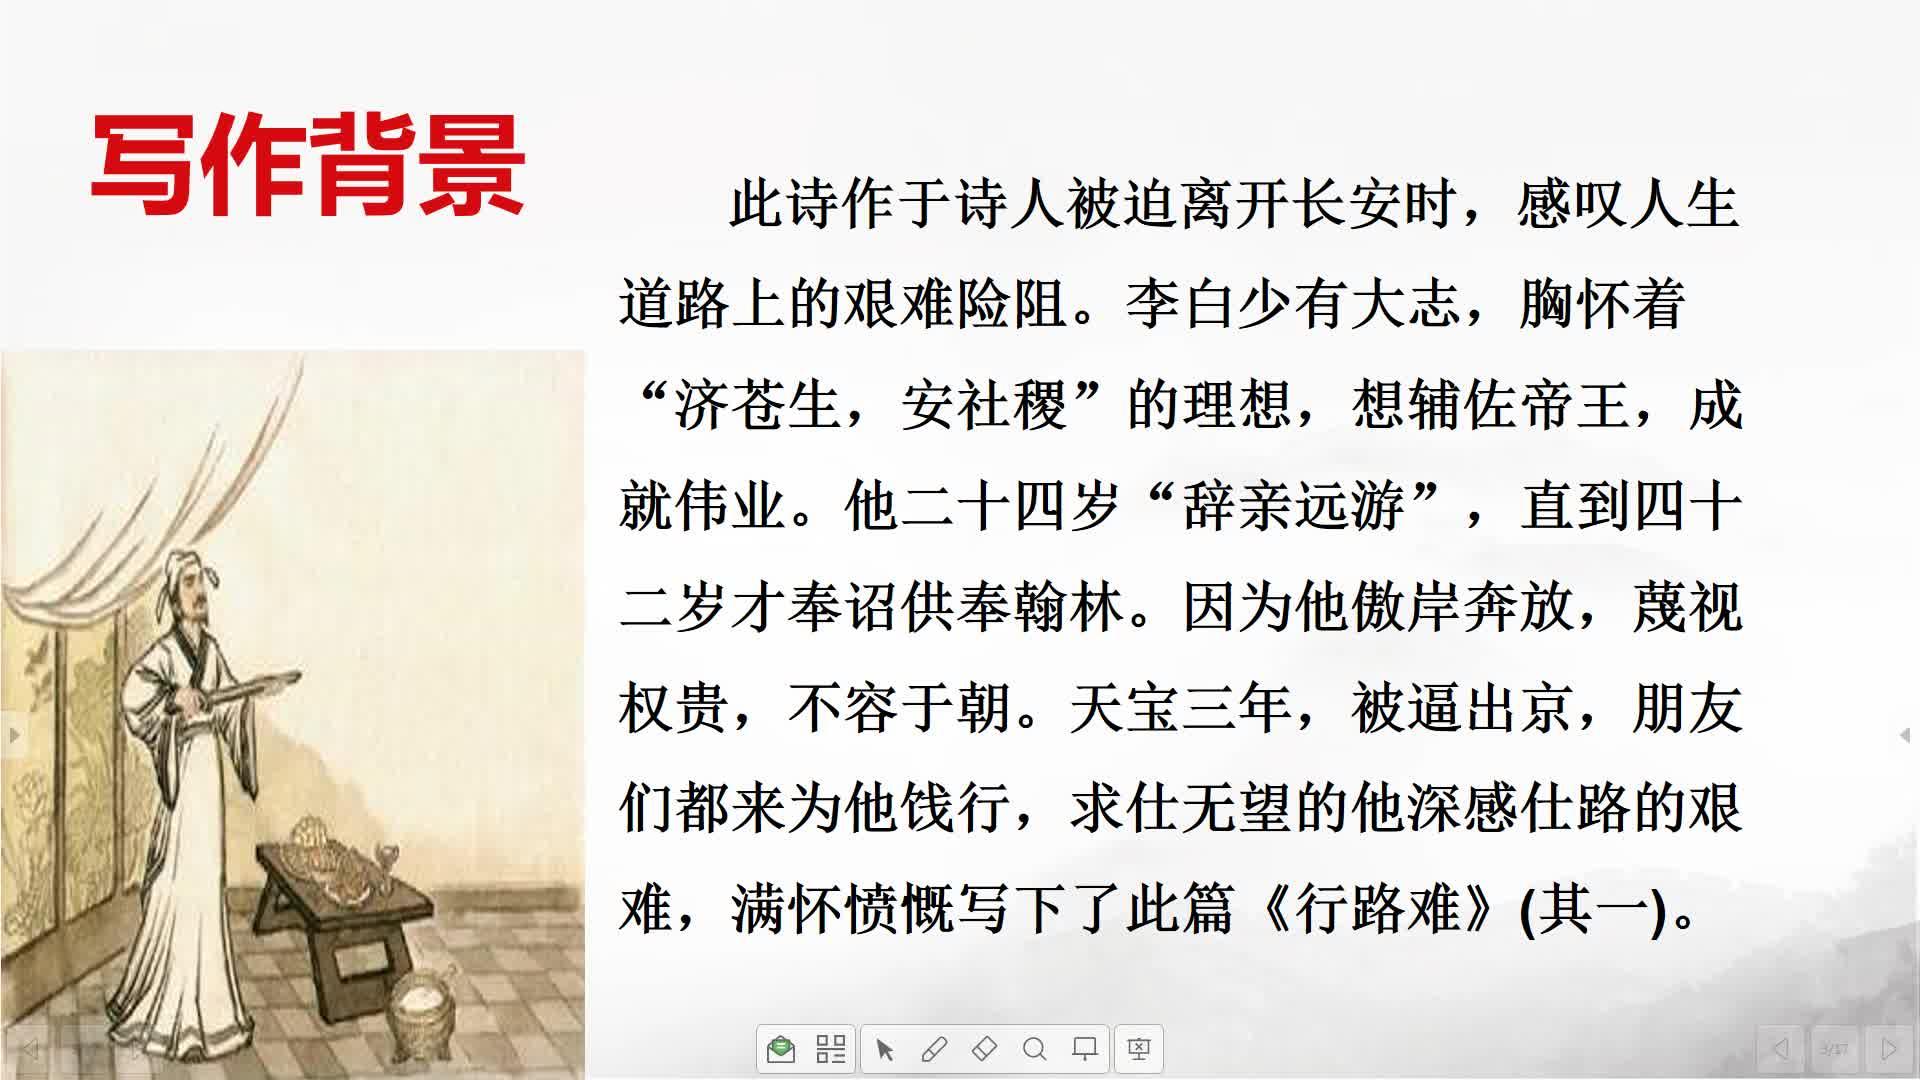 廊坊十中-九年級-語文-《行路難》-袁平